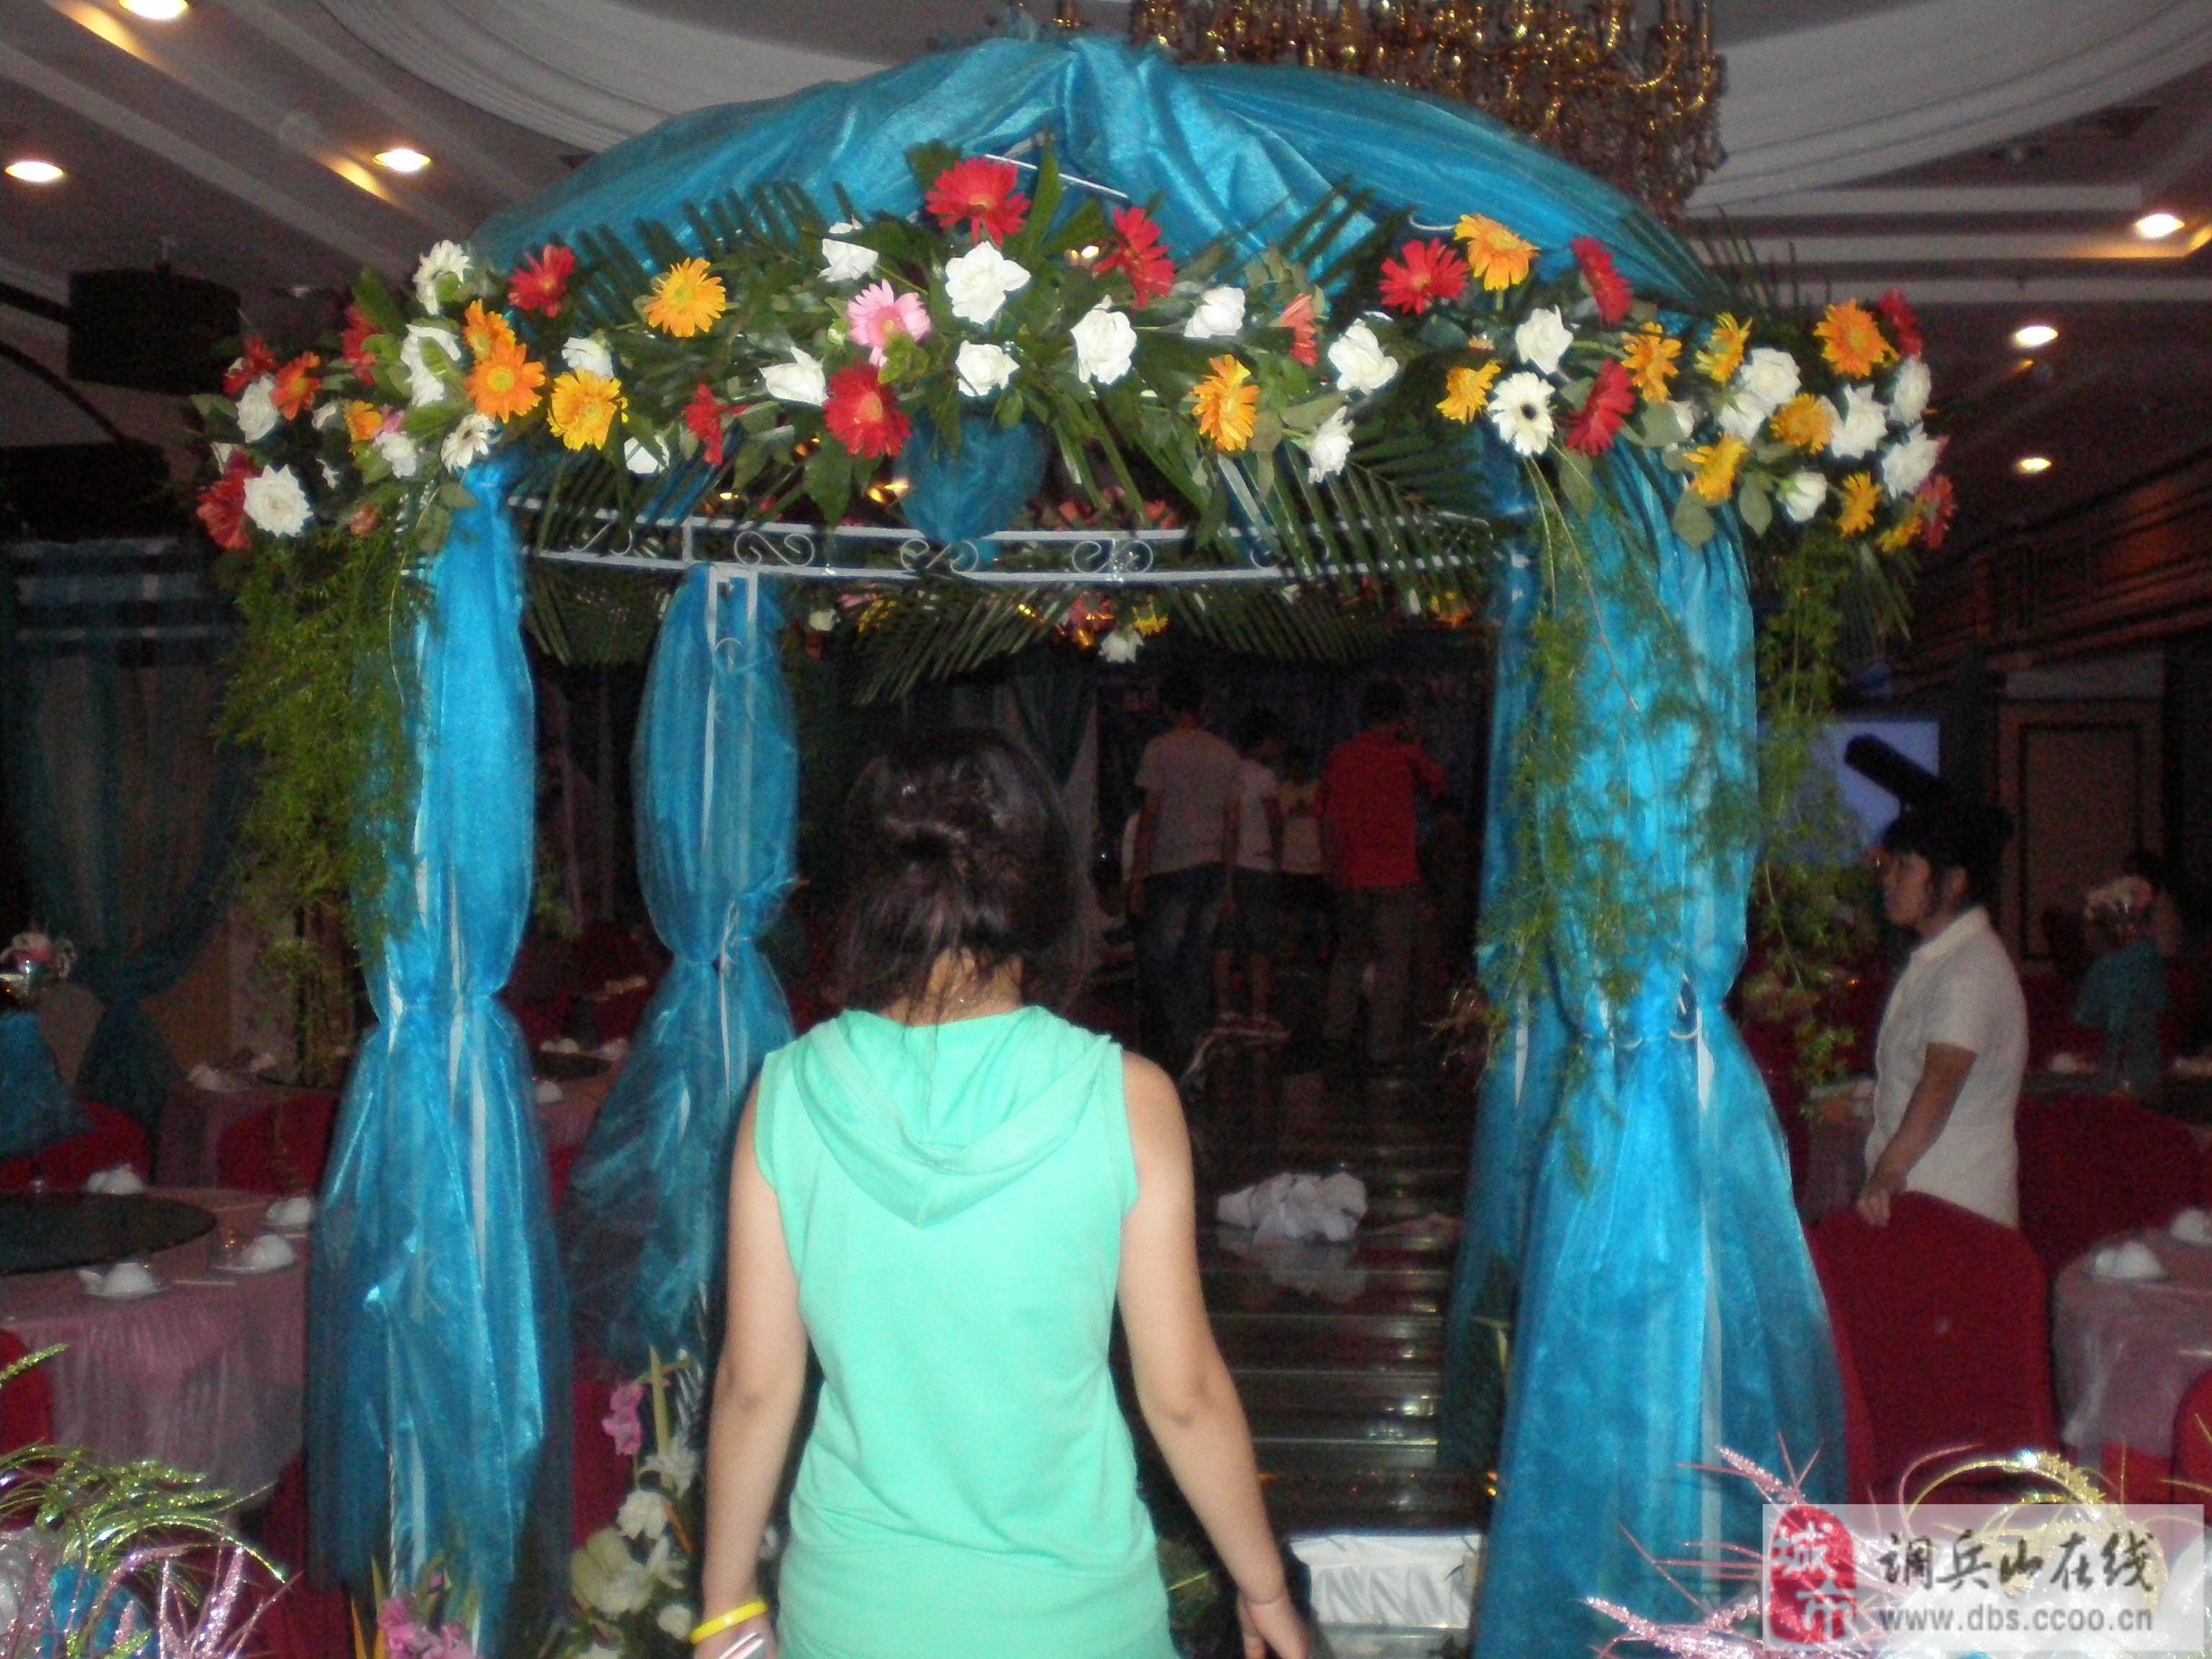 主题: 花艺布置 精致婚宴桌花风格迥异